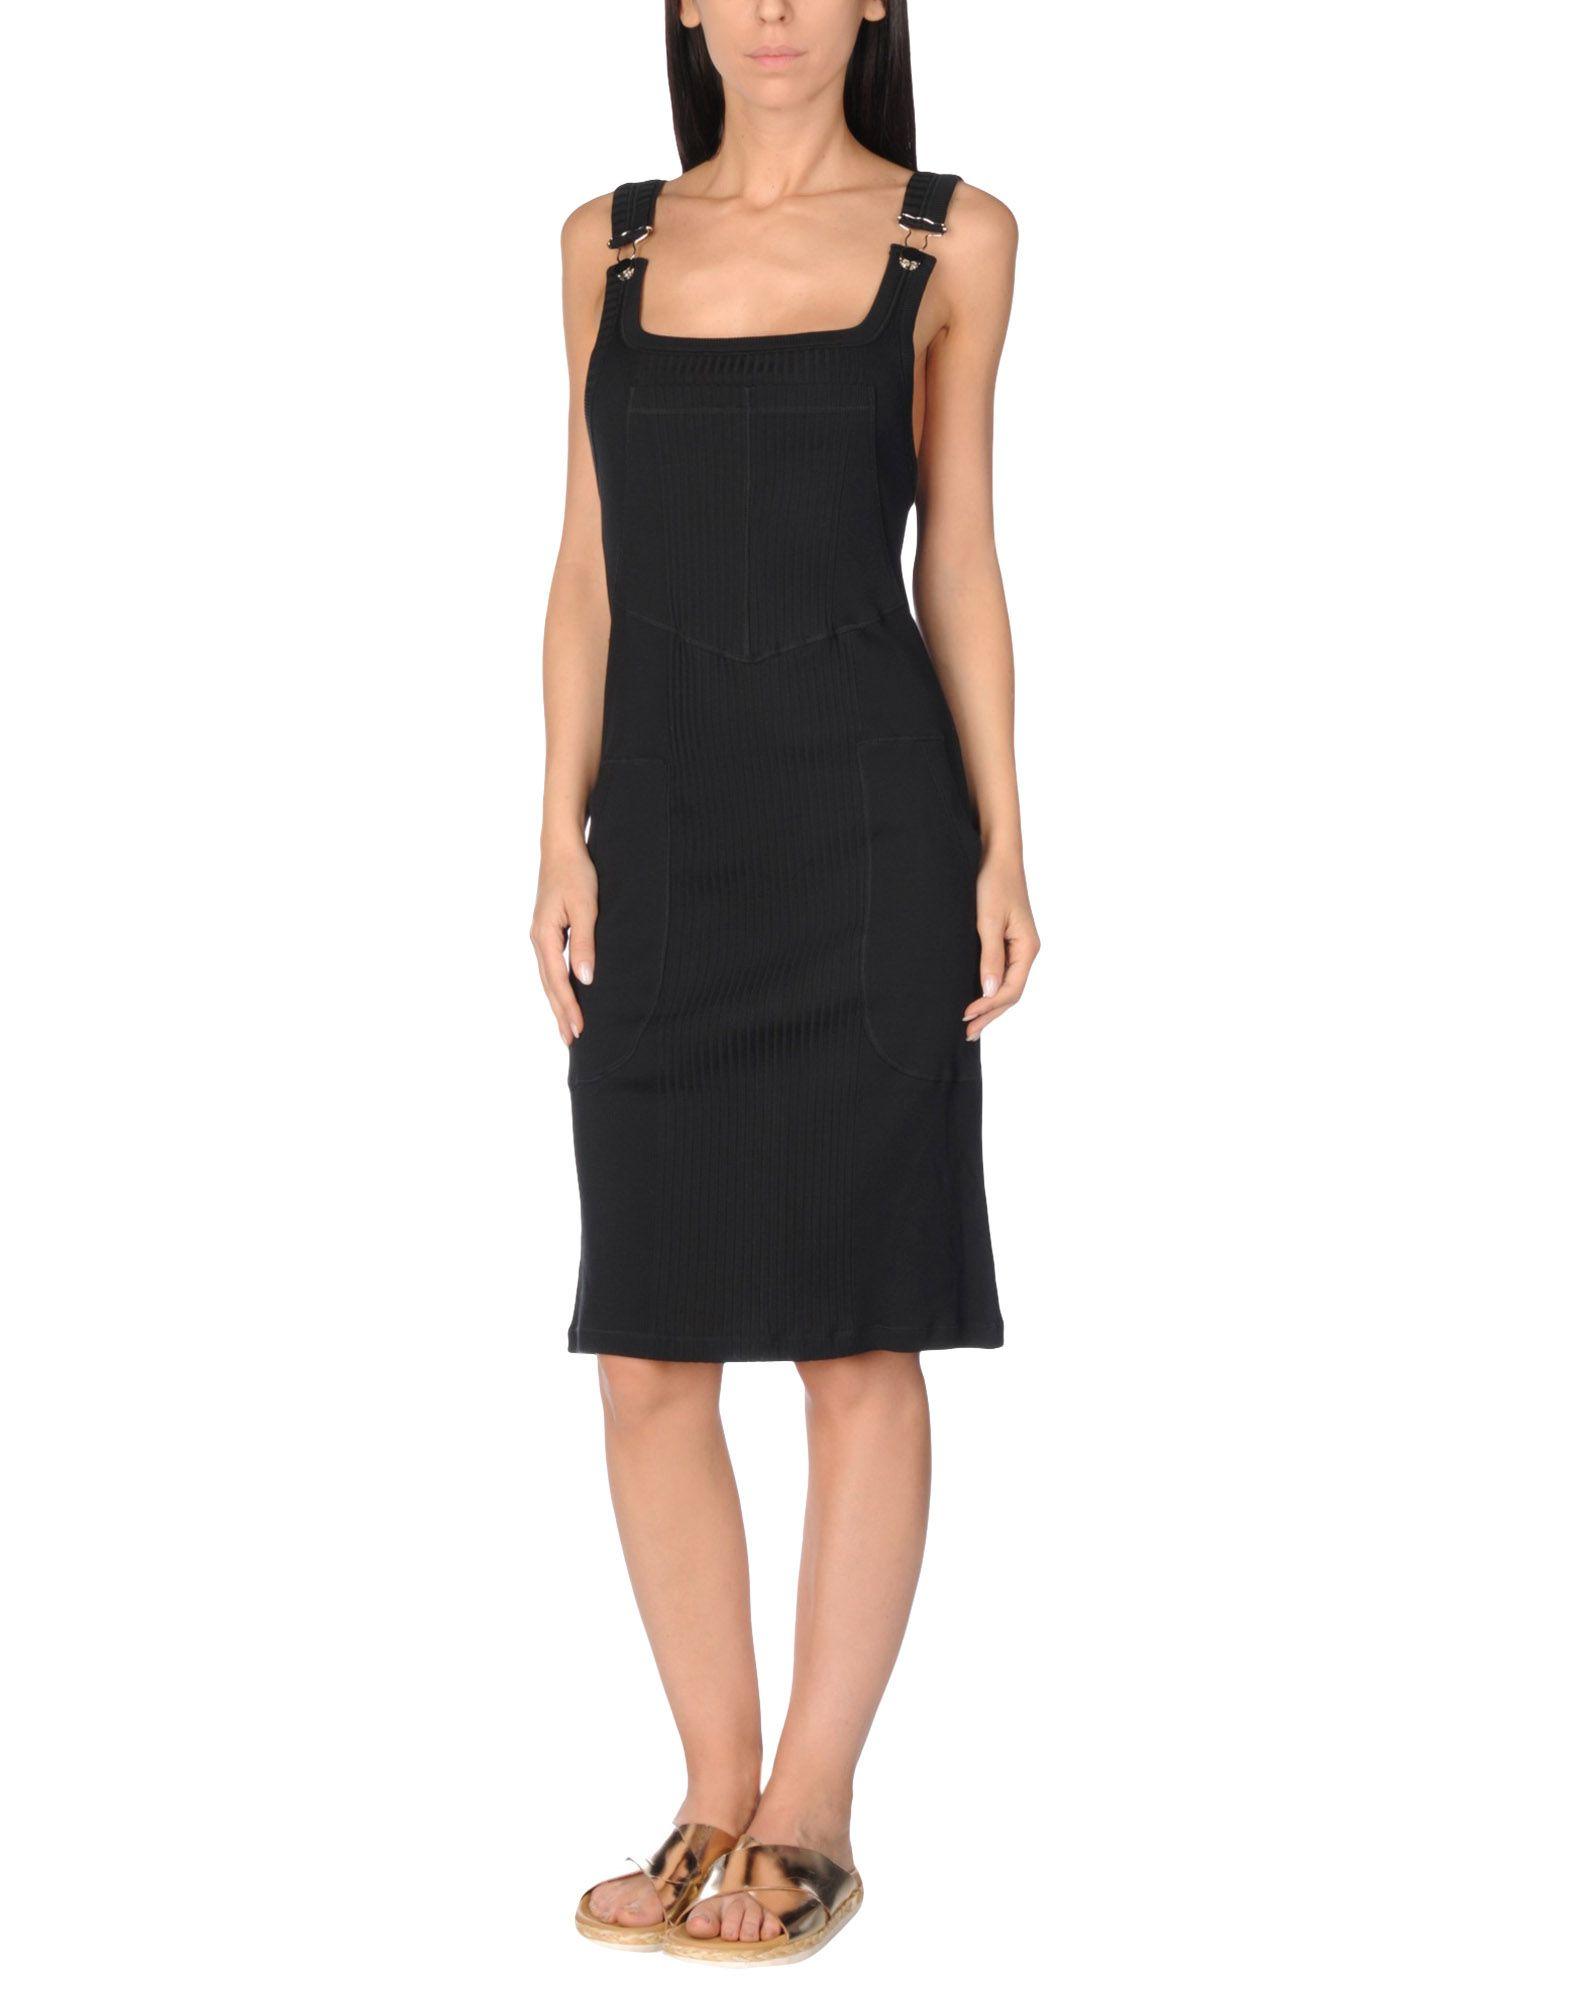 цена  JEAN PAUL GAULTIER SOLEIL Пляжное платье  онлайн в 2017 году